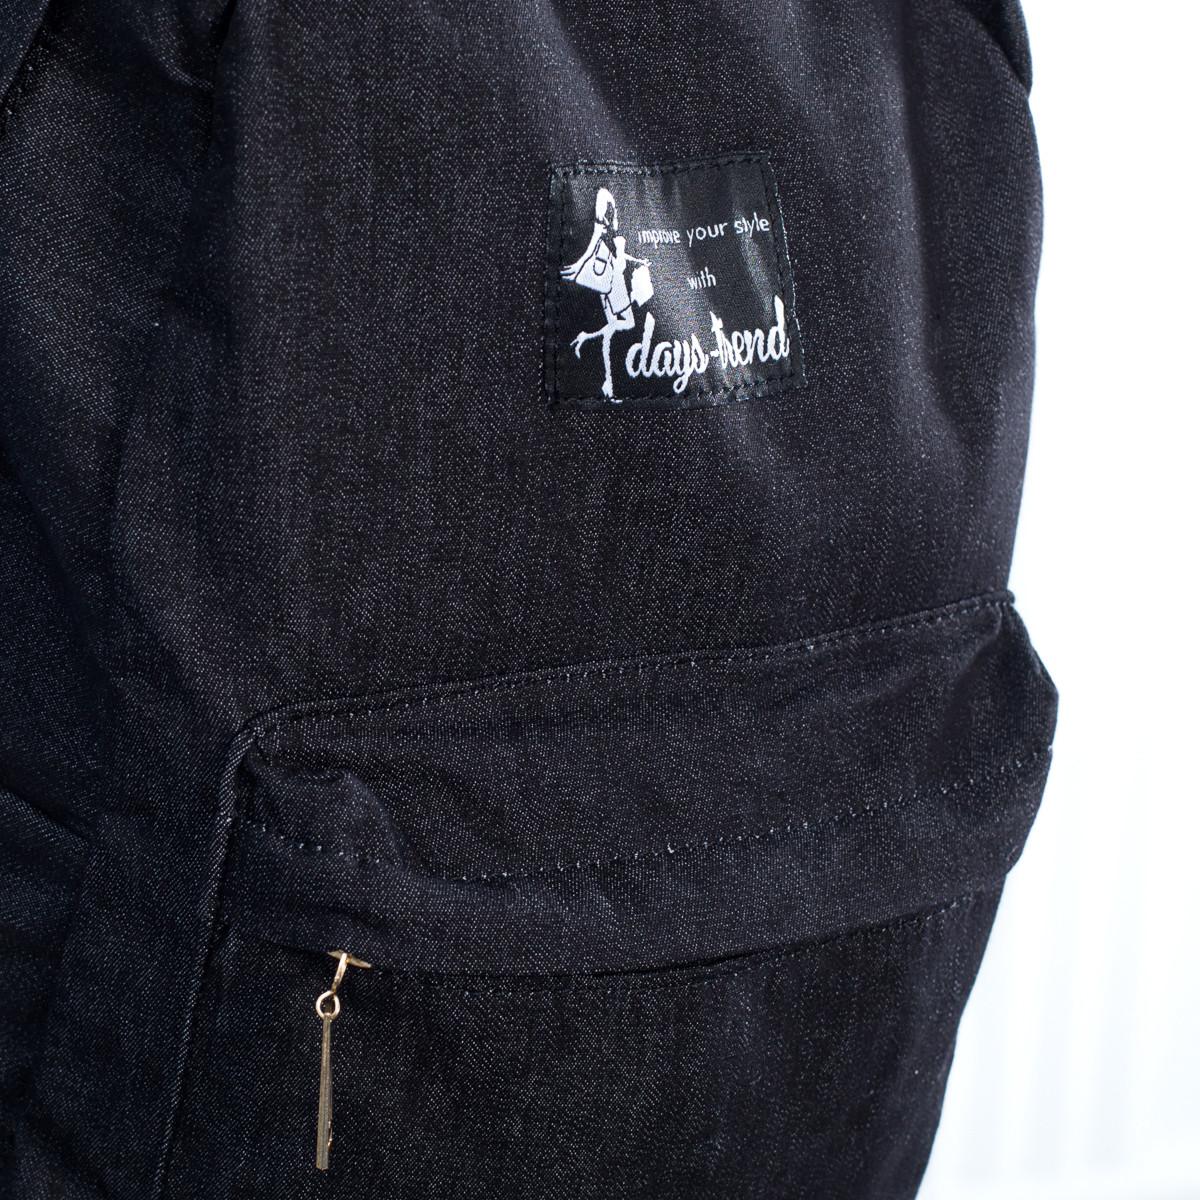 Стильный женский джинсовый рюкзак Mayers с логотипом, фото 3